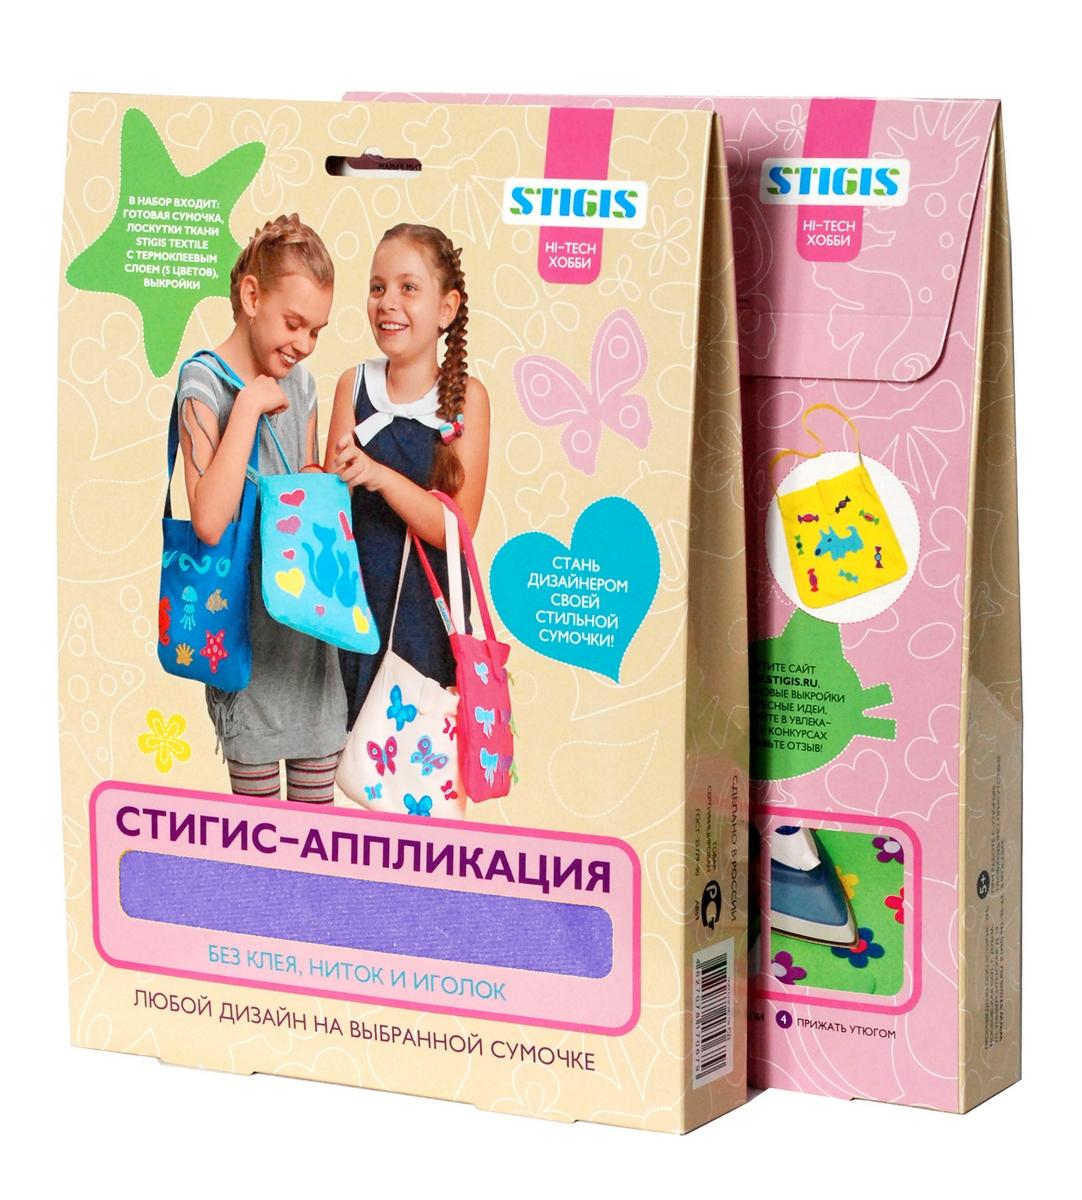 Stigis Набор для украшения сумочки Стигис-аппликация цвет сиреневый